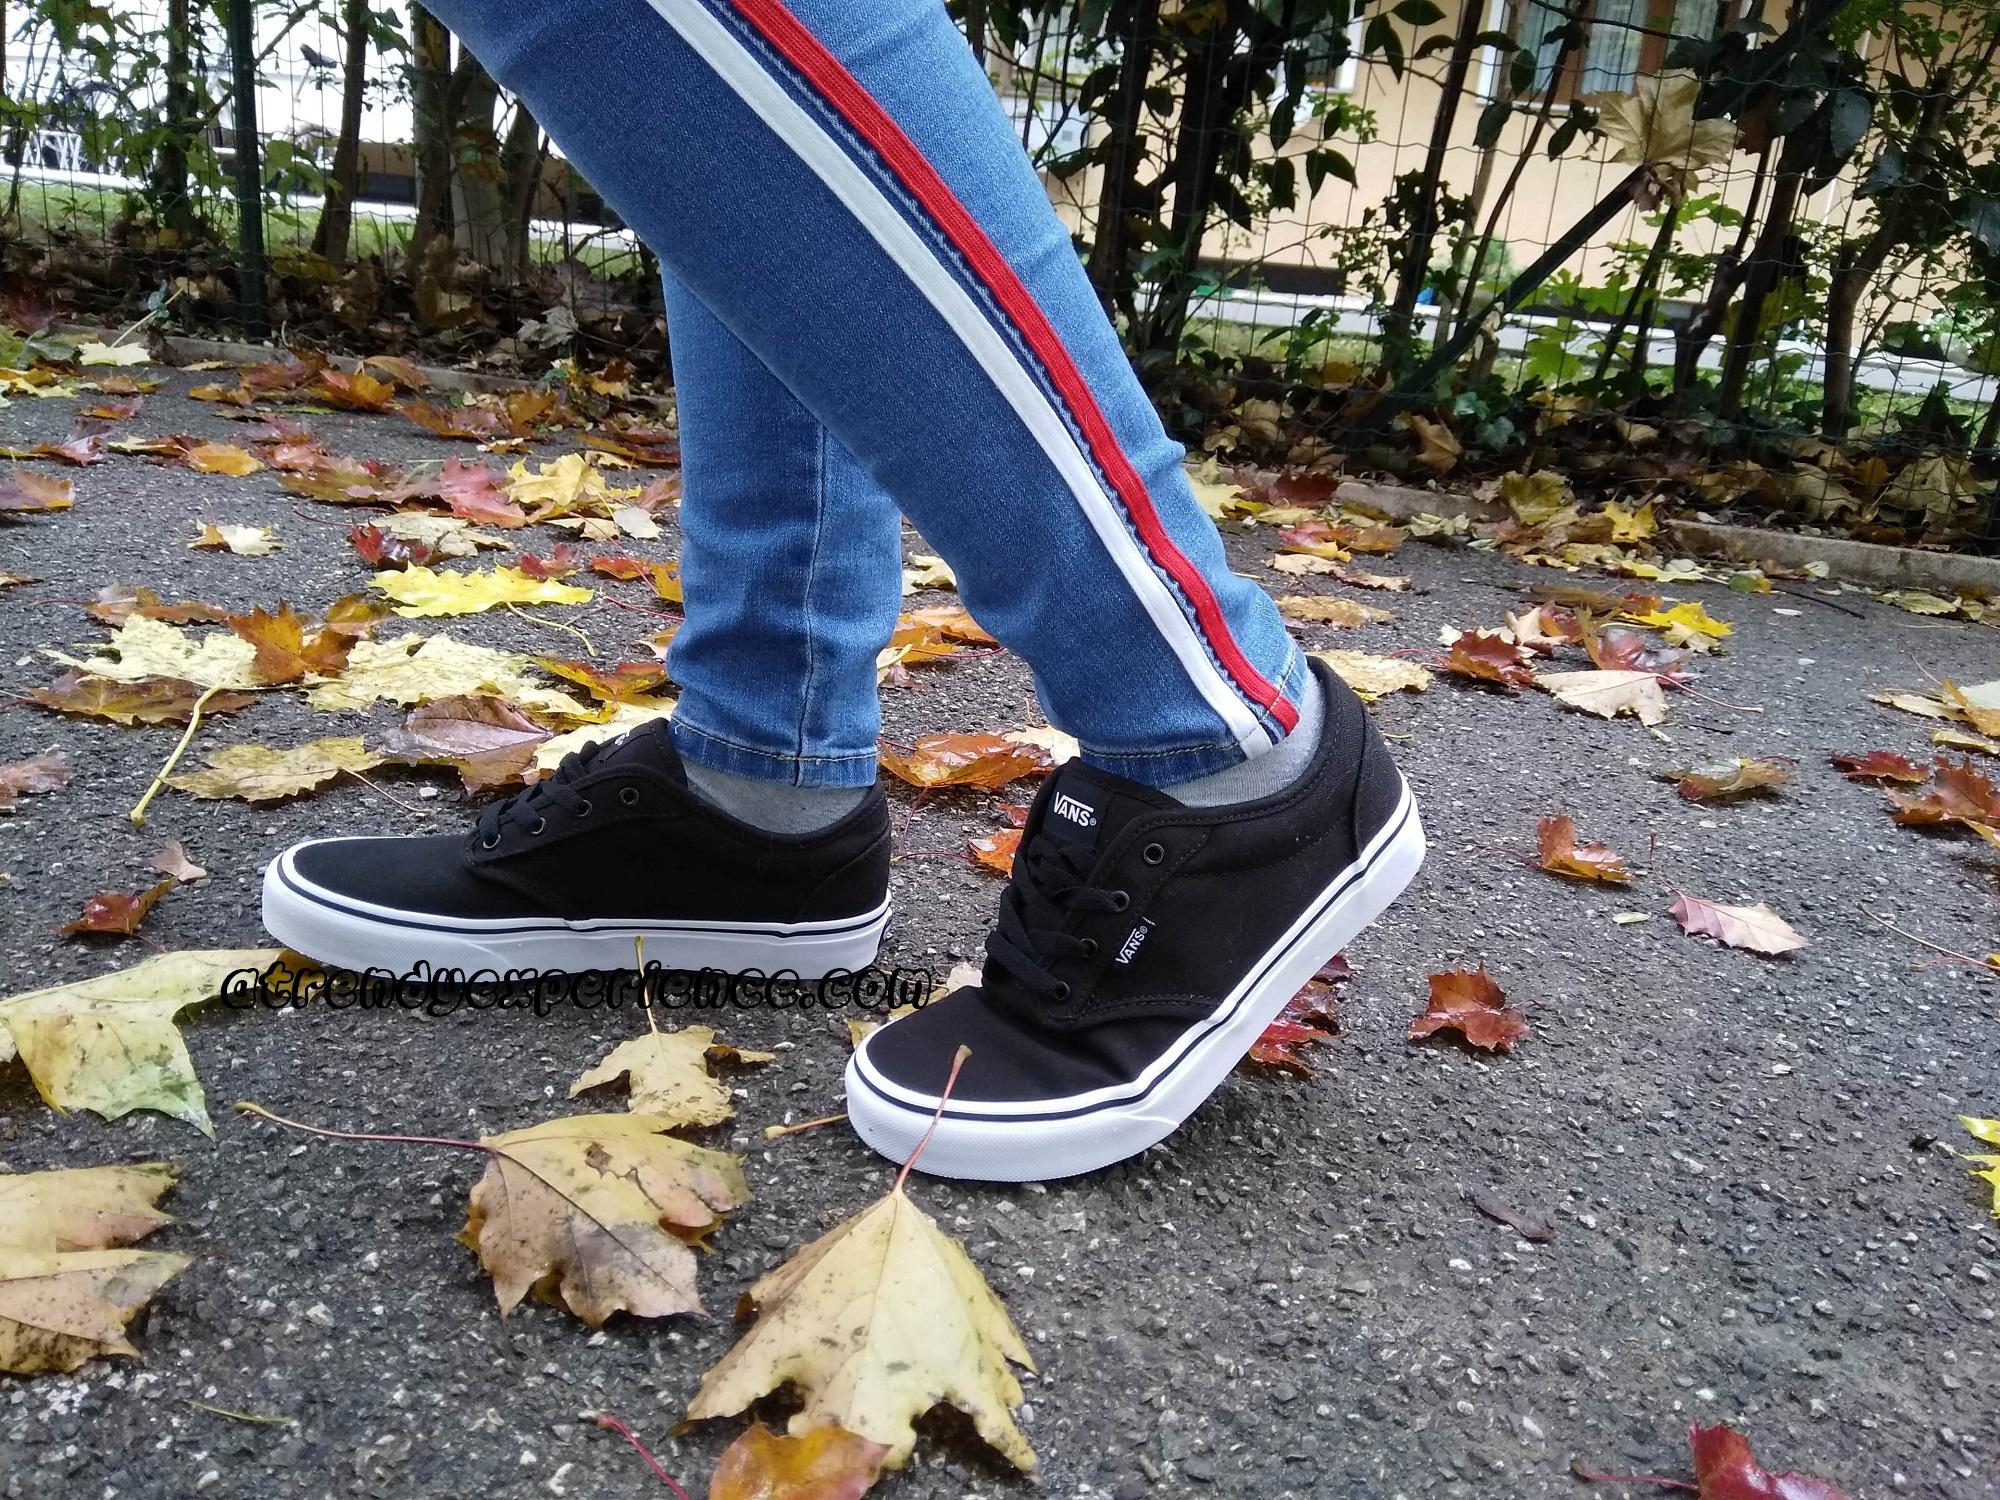 Vans calzature sneakers donna